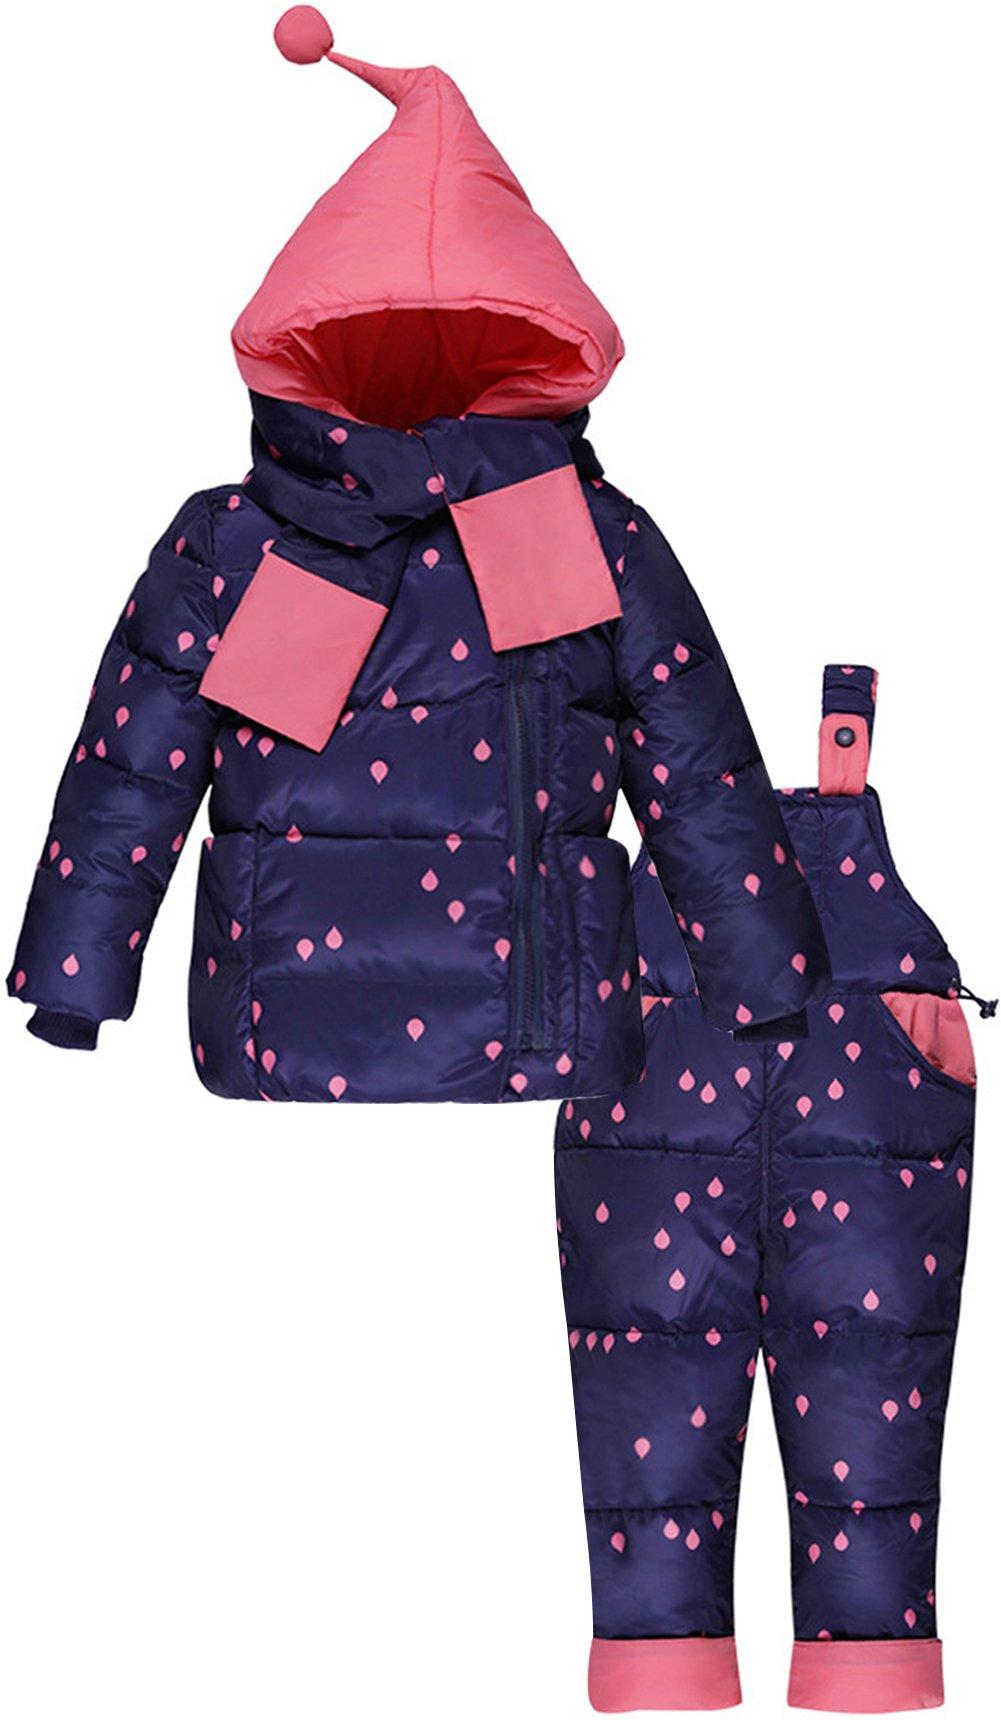 ZOEREA Chaquetas de Esquí para Bebé Niñas Traje de Nieve Abrigoscon Capucha + Pantalones + Bufanda Invierno Acolchado… 1